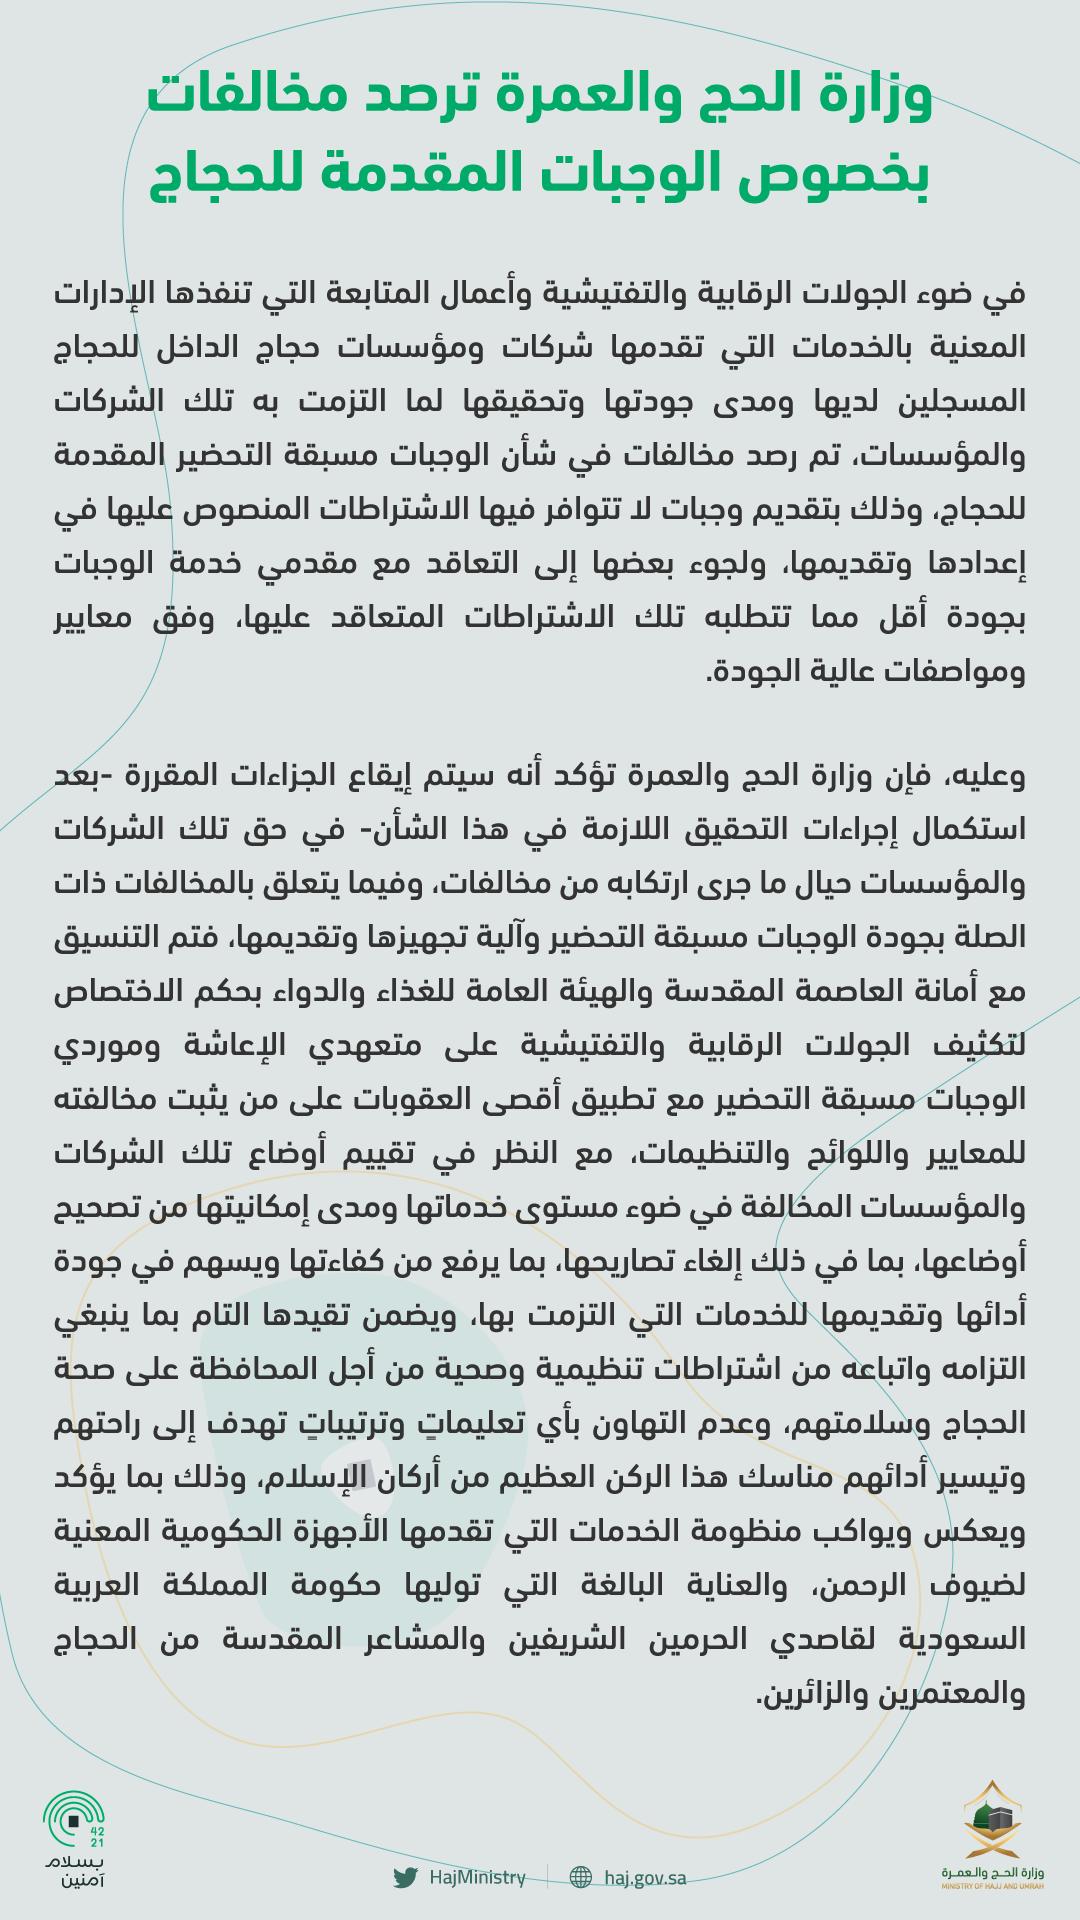 وزارة الحج والعمرة ترصد مخالفات بشأن الوجبات المقدمة للحجاج